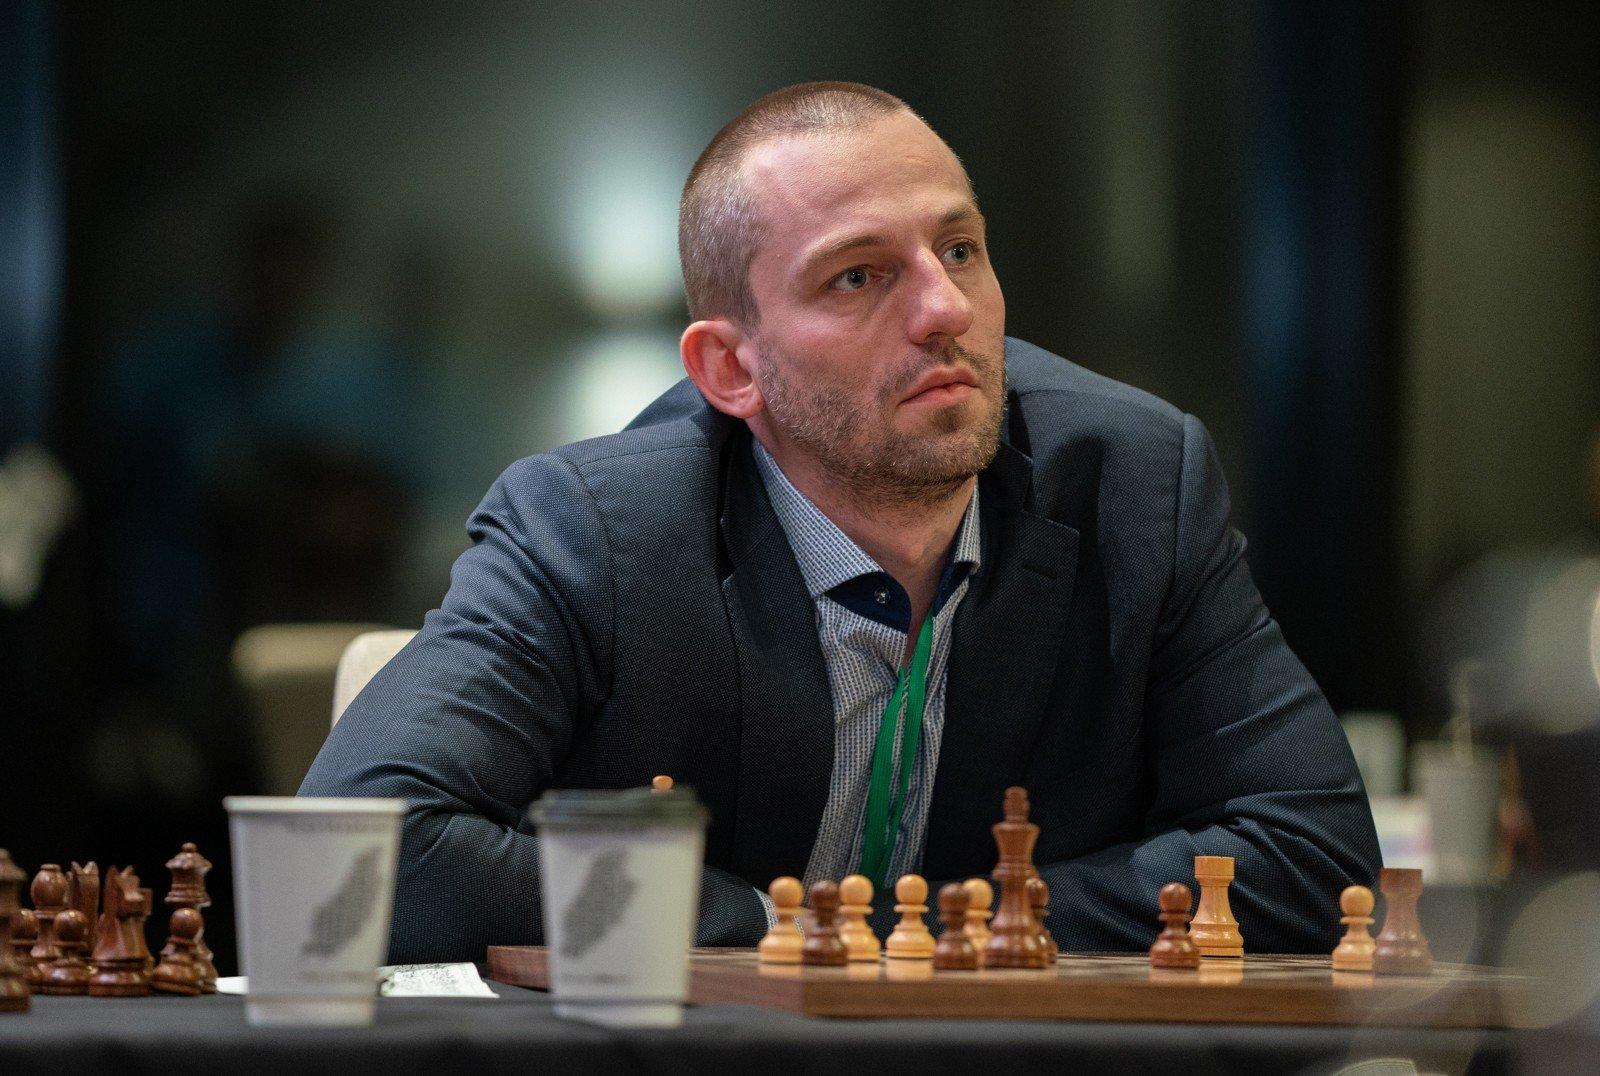 Российский шахматист поделился мыслями о The International